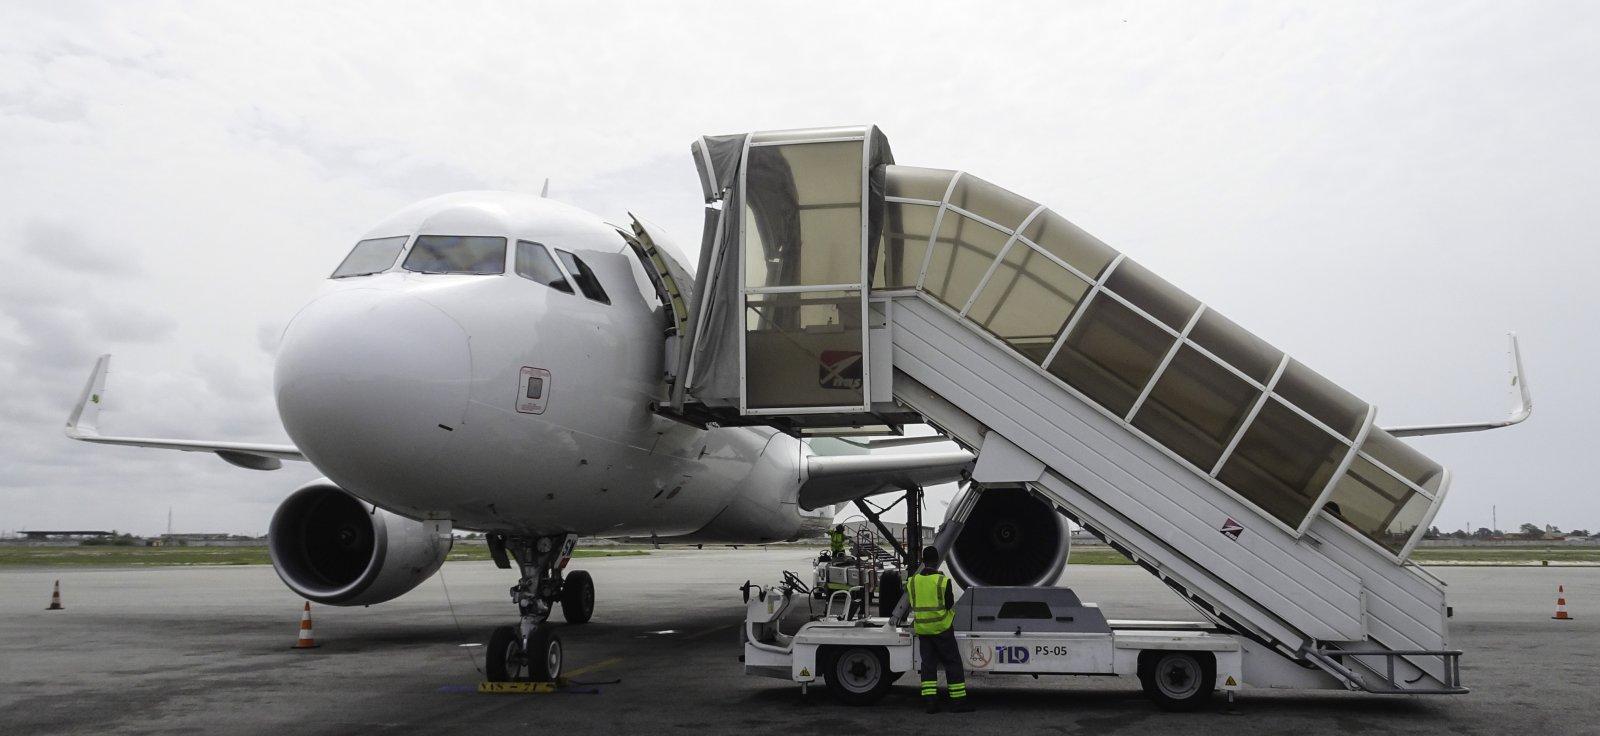 Air Côte d'Ivoire Airbus 320-214 TU-TSW